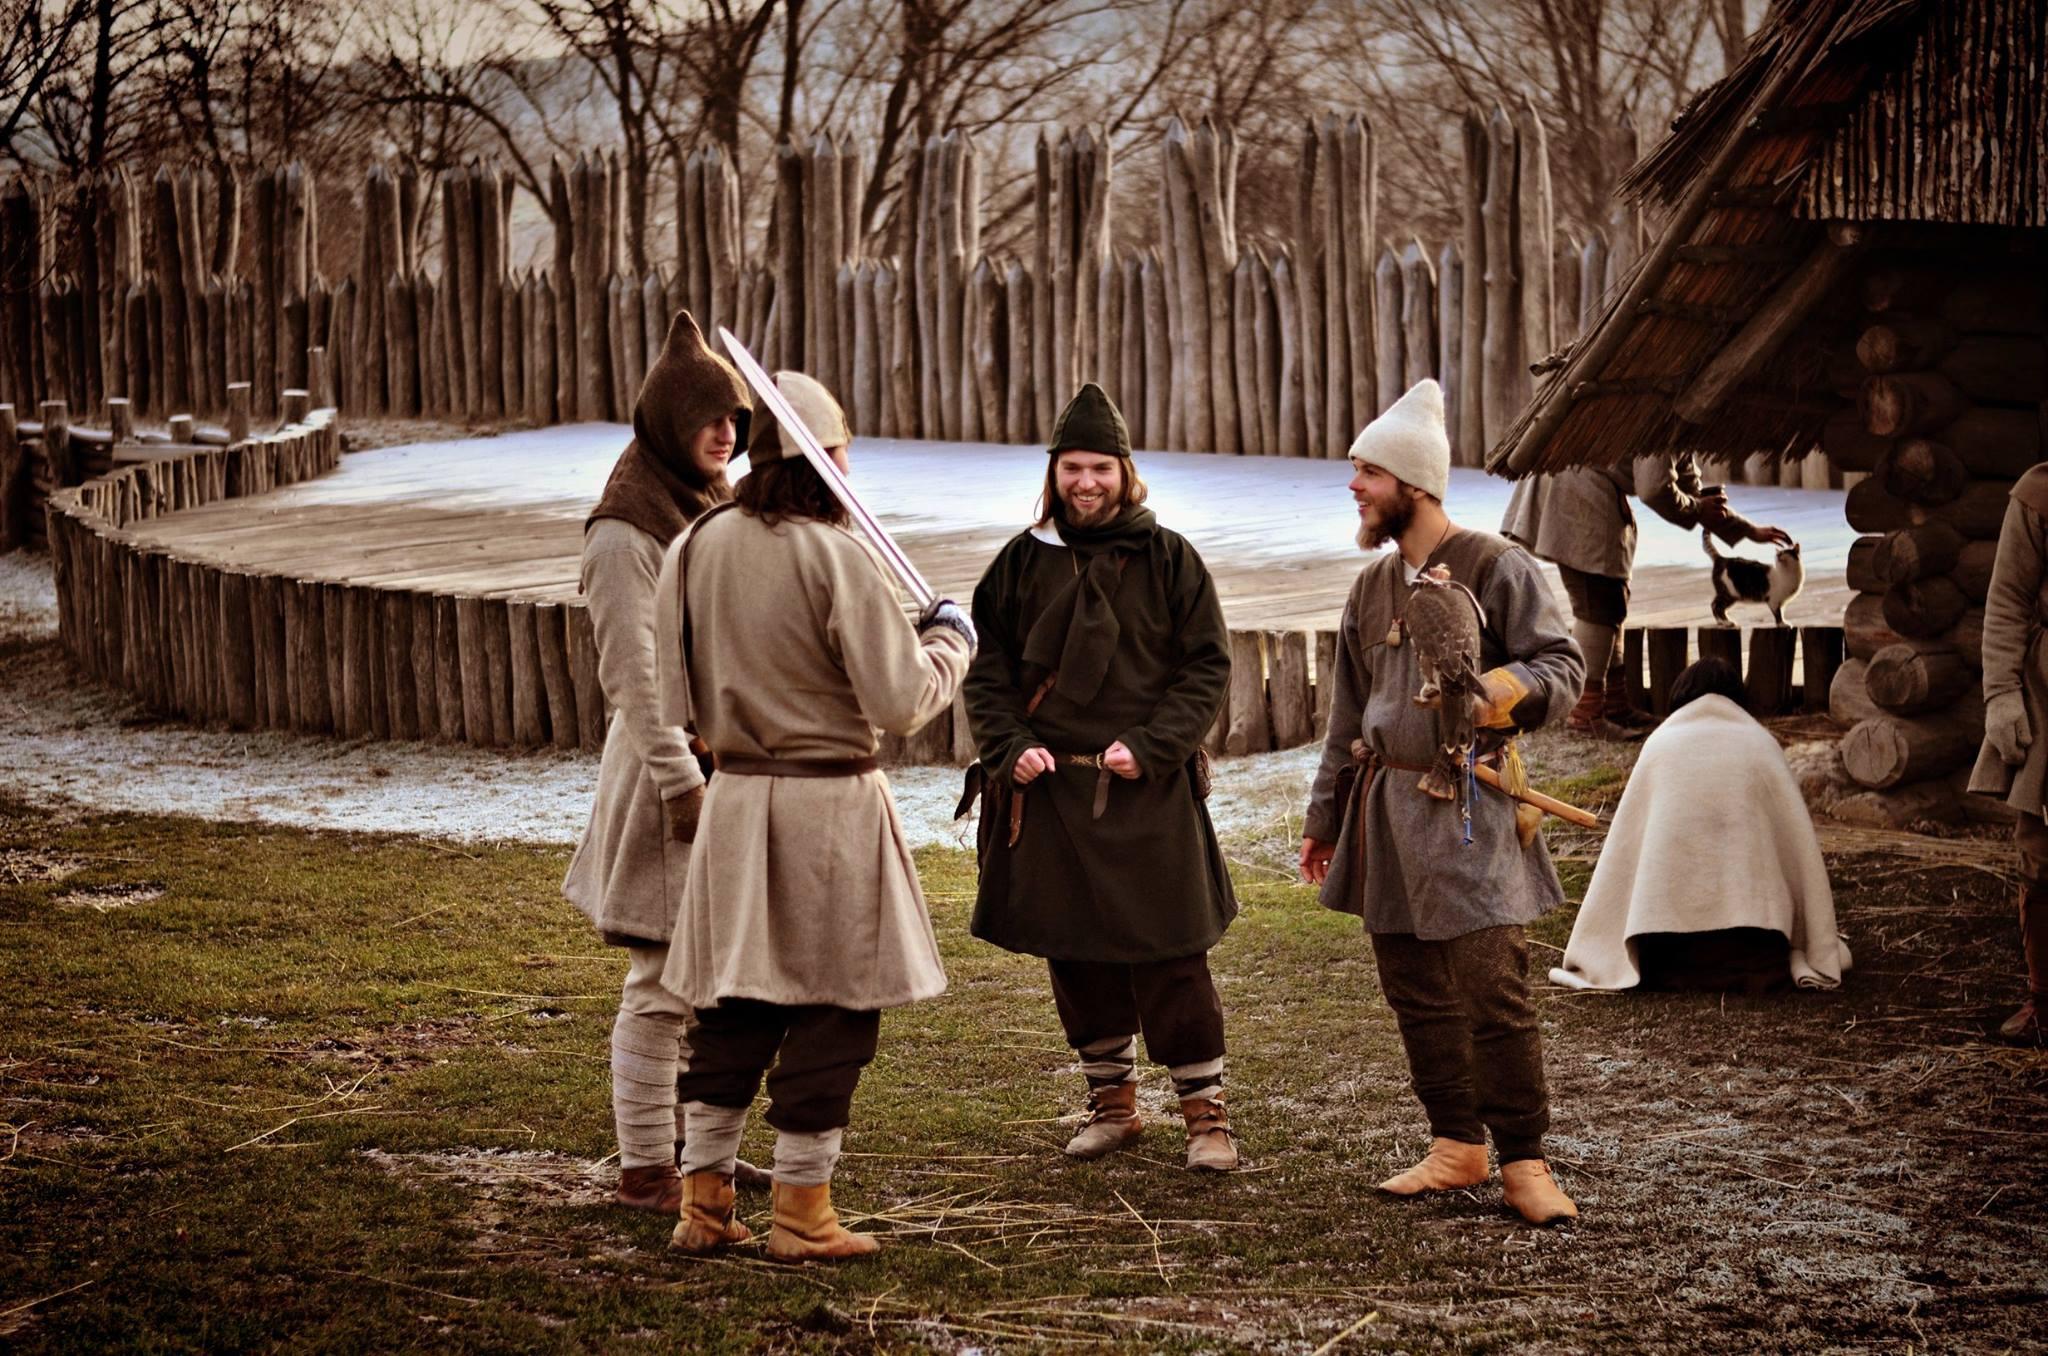 Sokoliari Kráľa Svätopluka